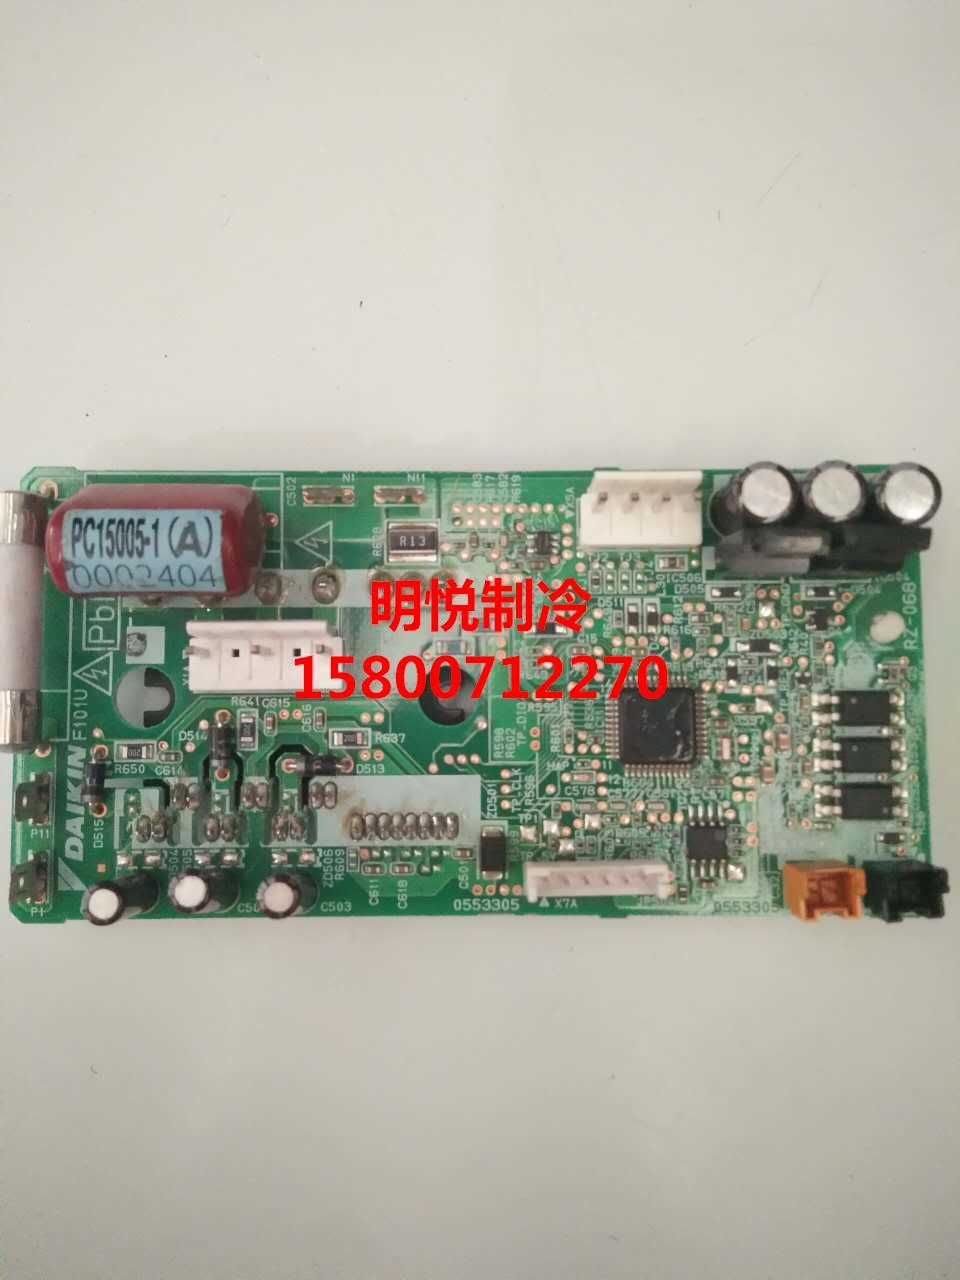 Daikin klimaanlagen - computer An Bord PC15005-1 0002404 außerhalb der maschine.